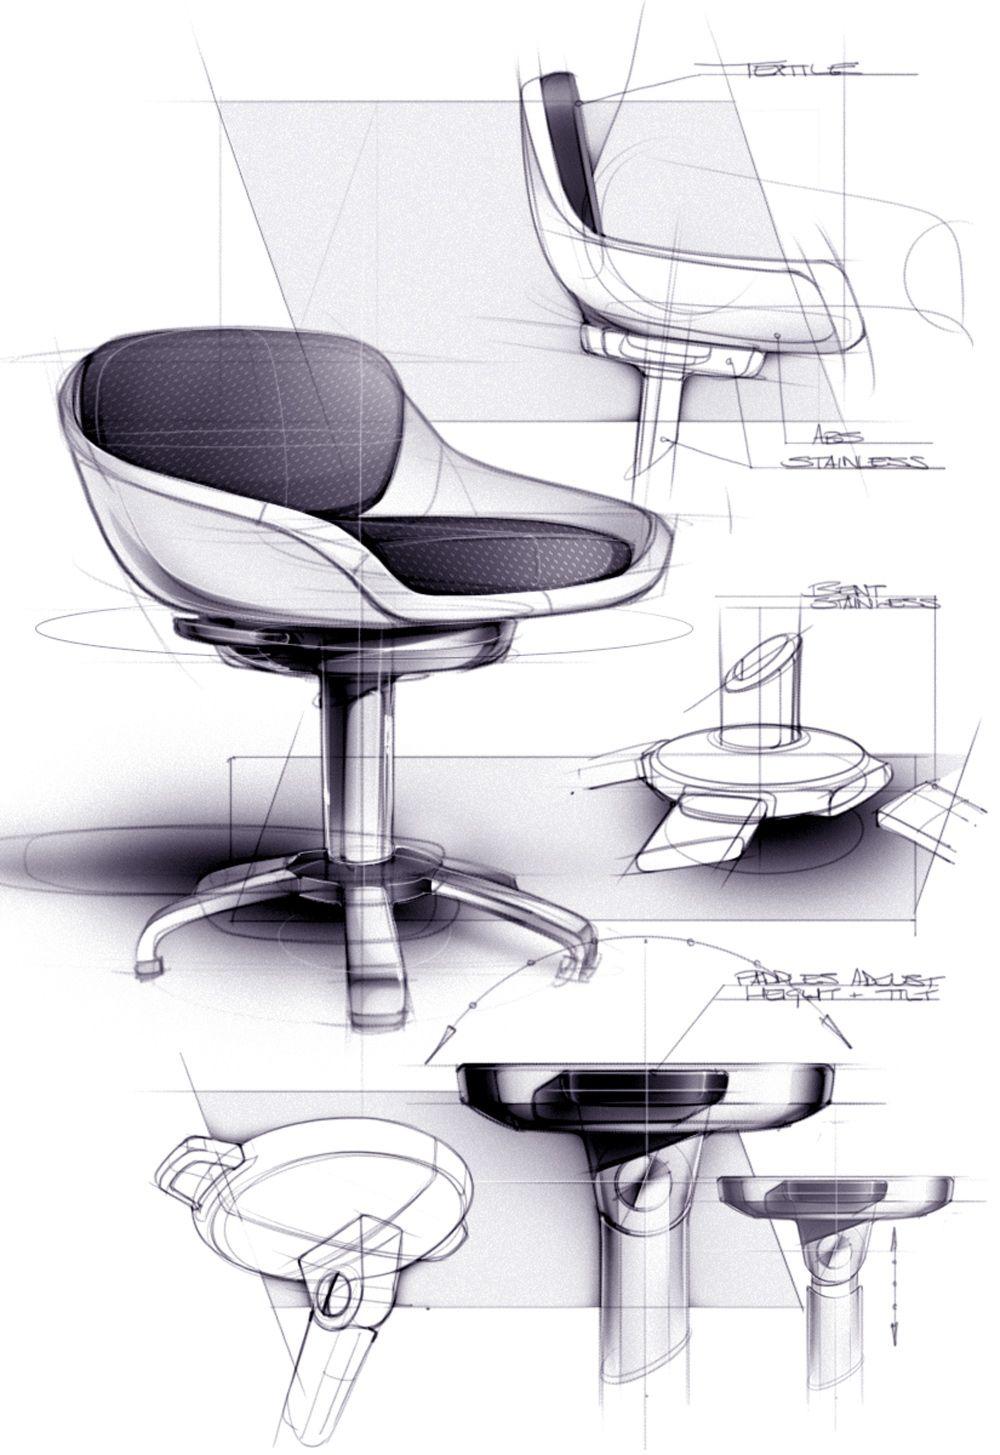 Sketches I On Behance Furniture Design Sketches Interior Design Sketches Industrial Design Sketch